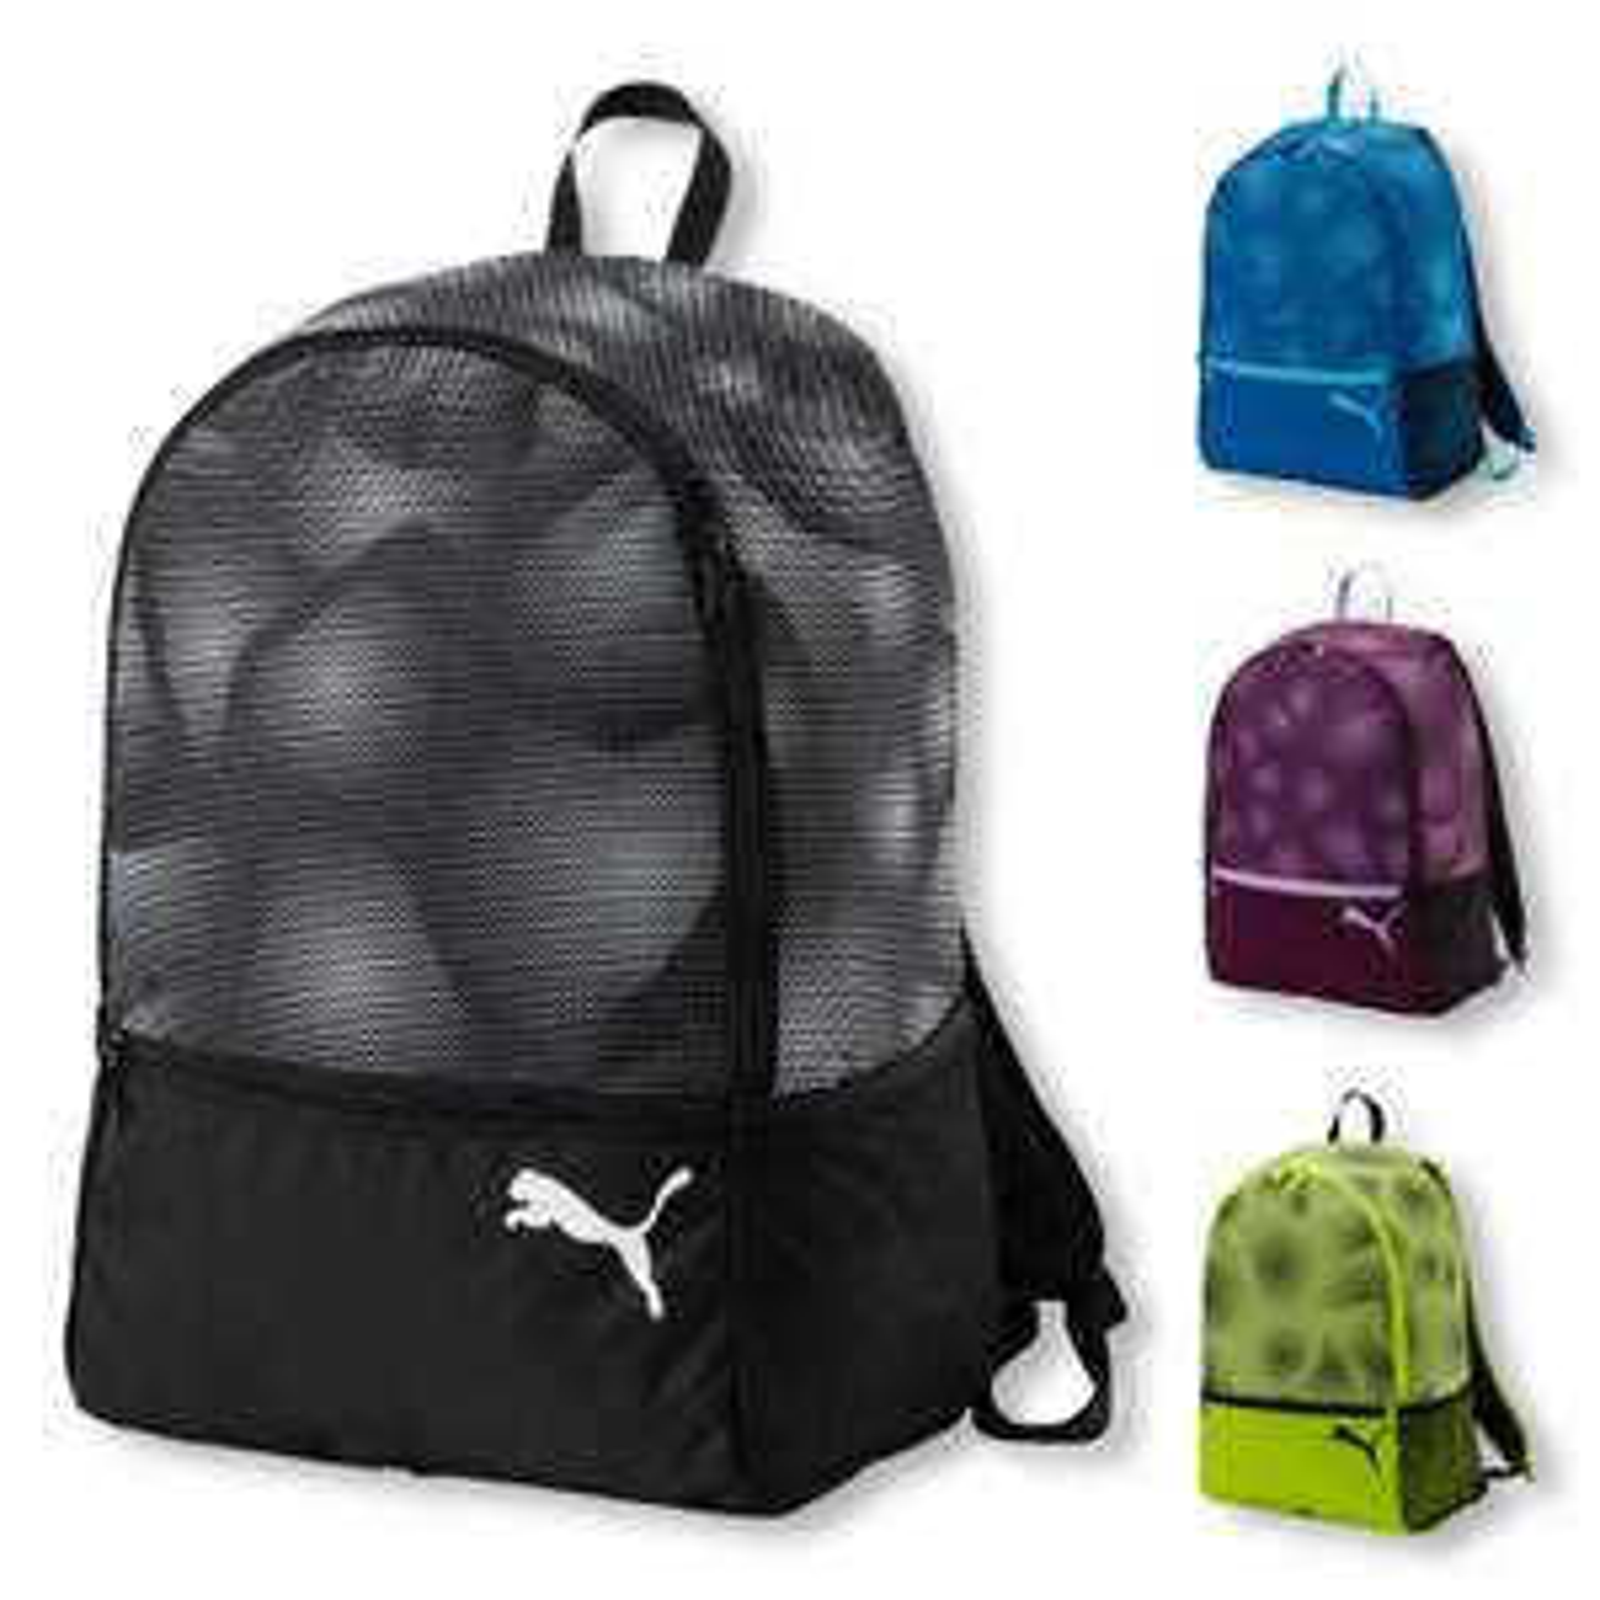 Puma Rucksack Alpha Backpack 25 Liter in 4 Farben